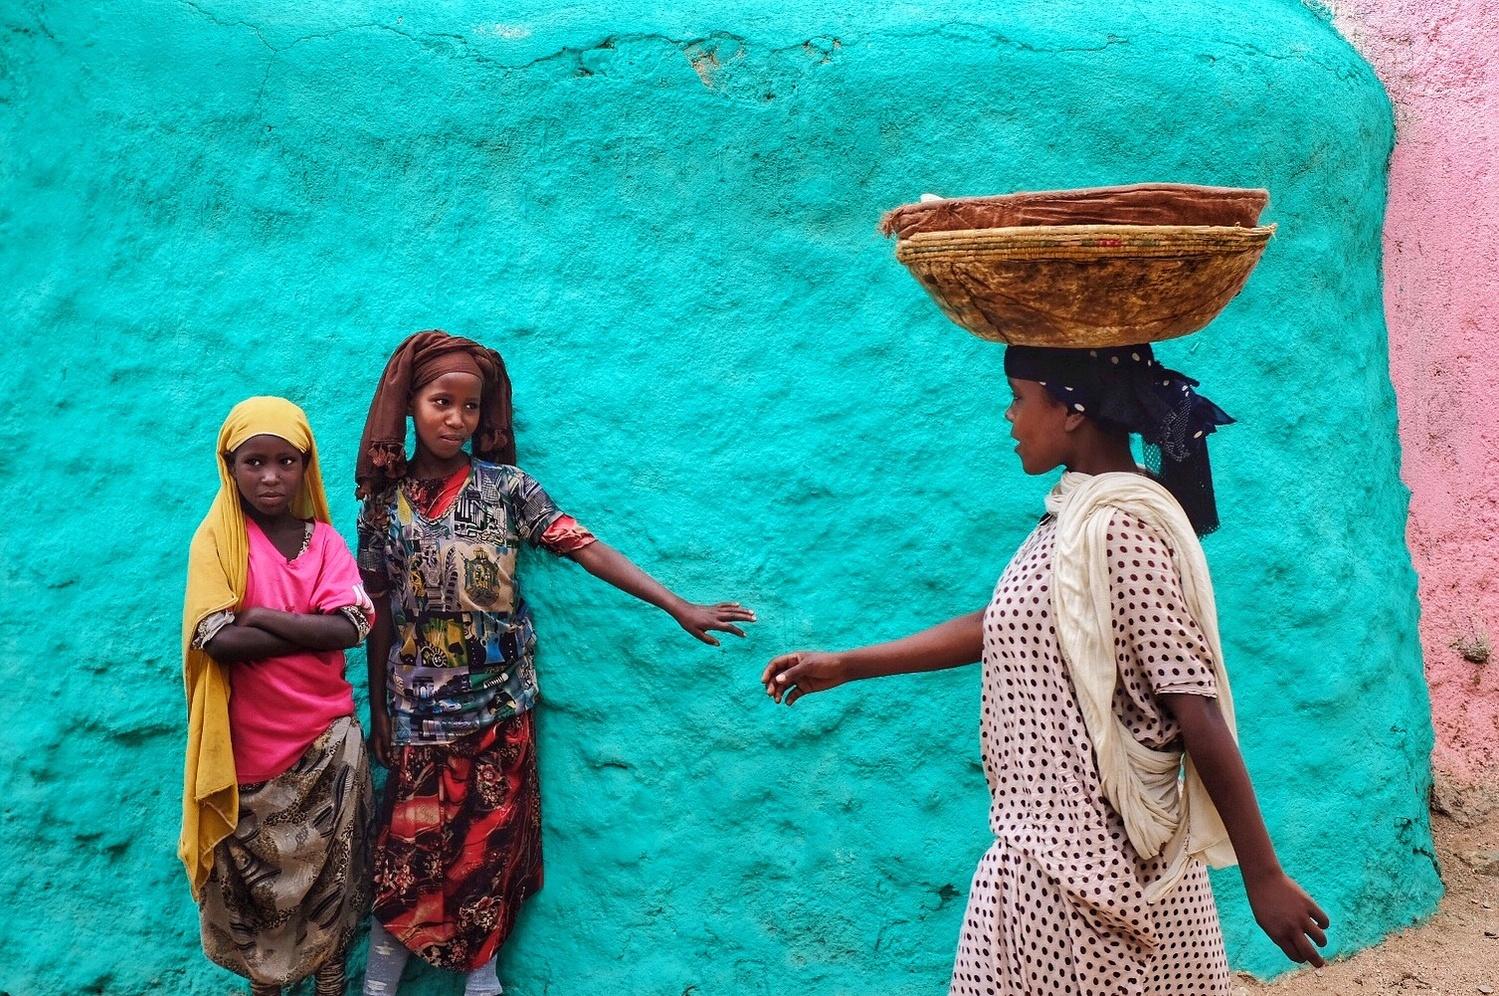 Colorful Harar by Gil Kreslavsky